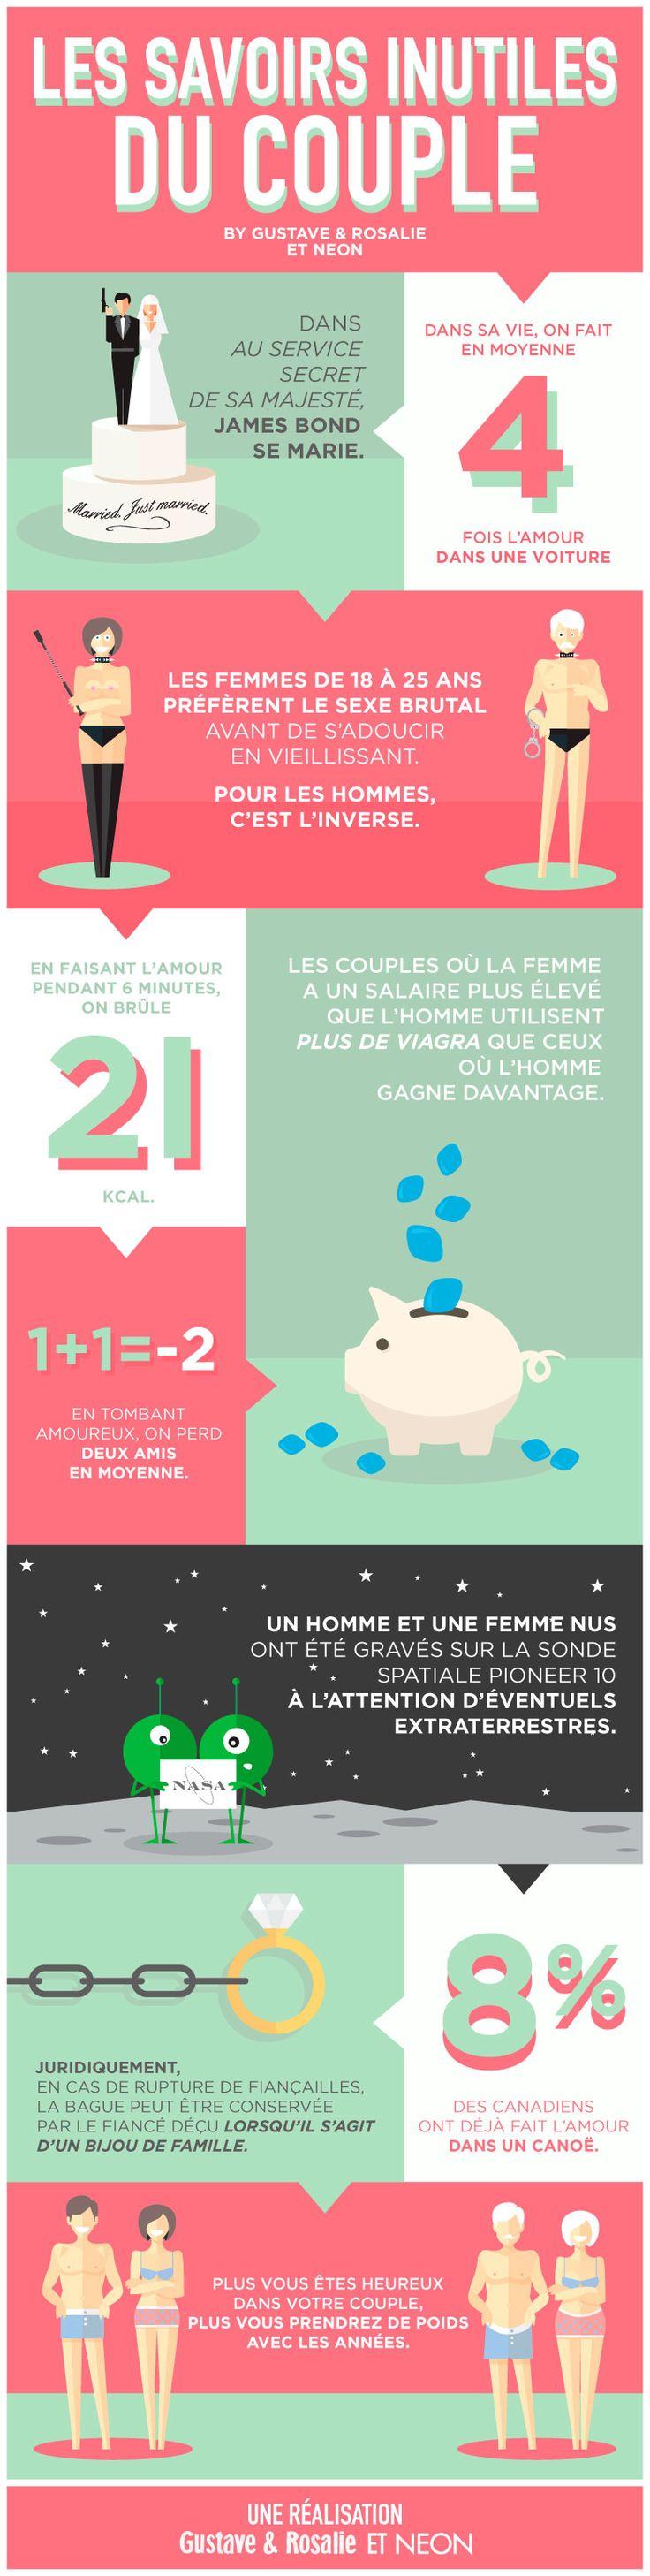 [#infographie] Les savoirs inutiles du couple de @Gustave_Rosalie & @neon_mag via @fraimentfrais